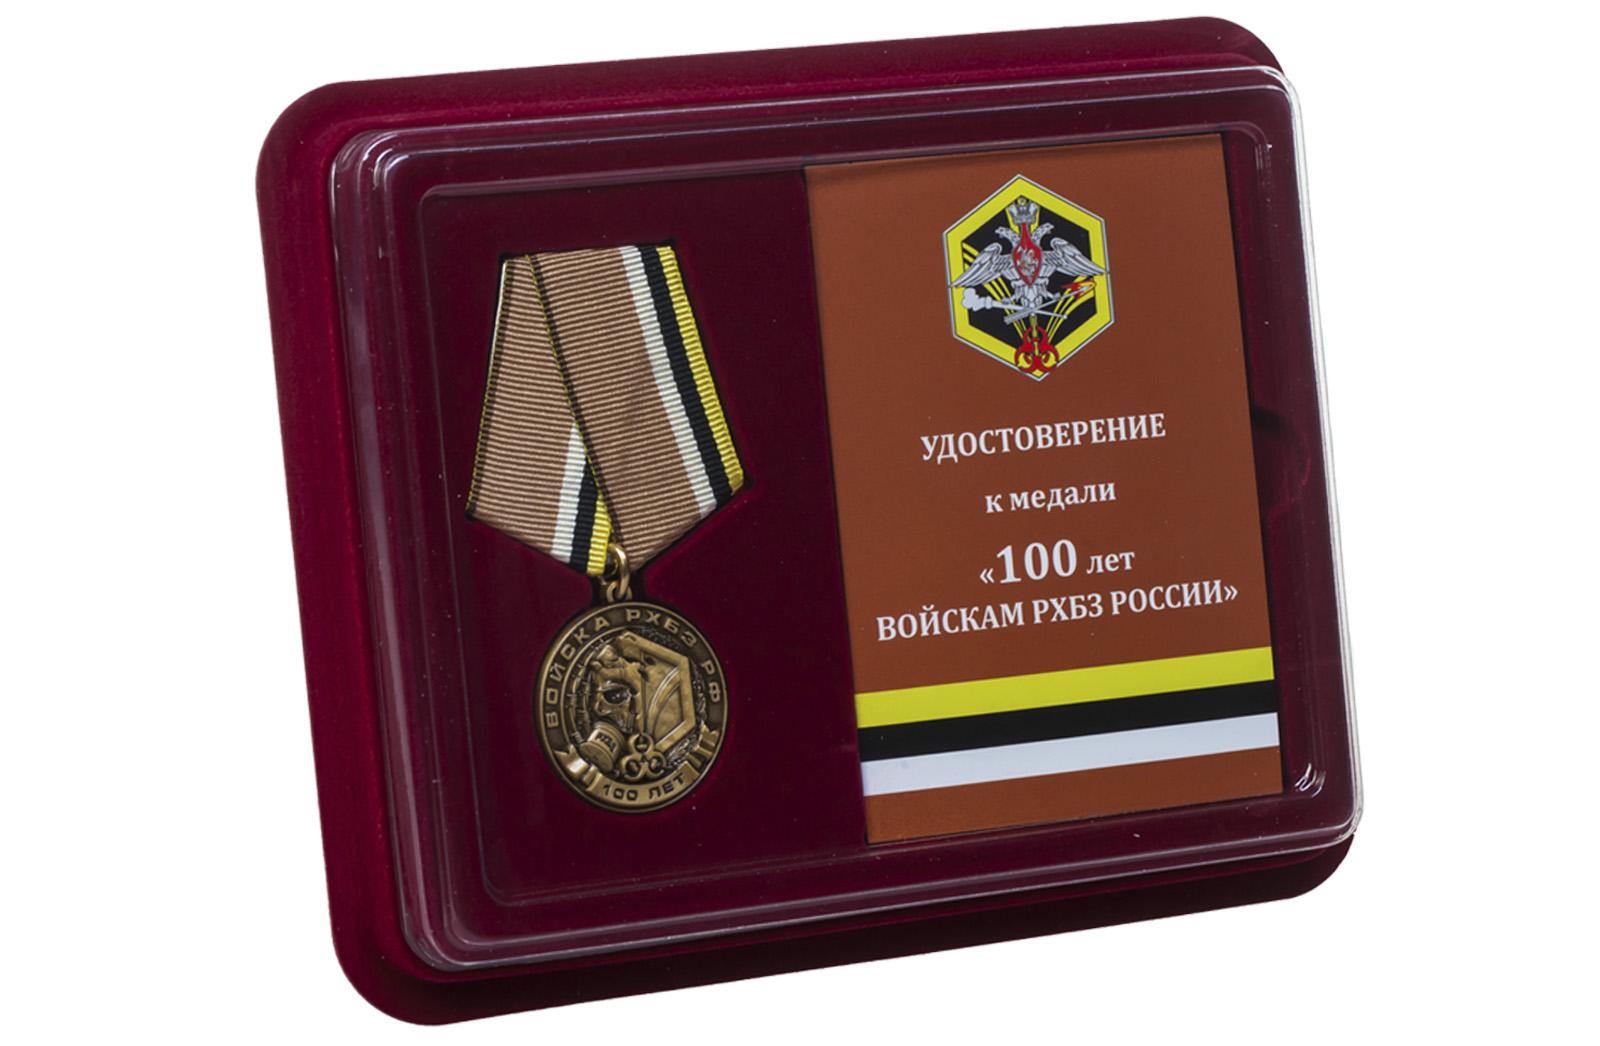 Купить юбилейную медаль 100 лет Войскам РХБЗ РФ онлайн с доставкой